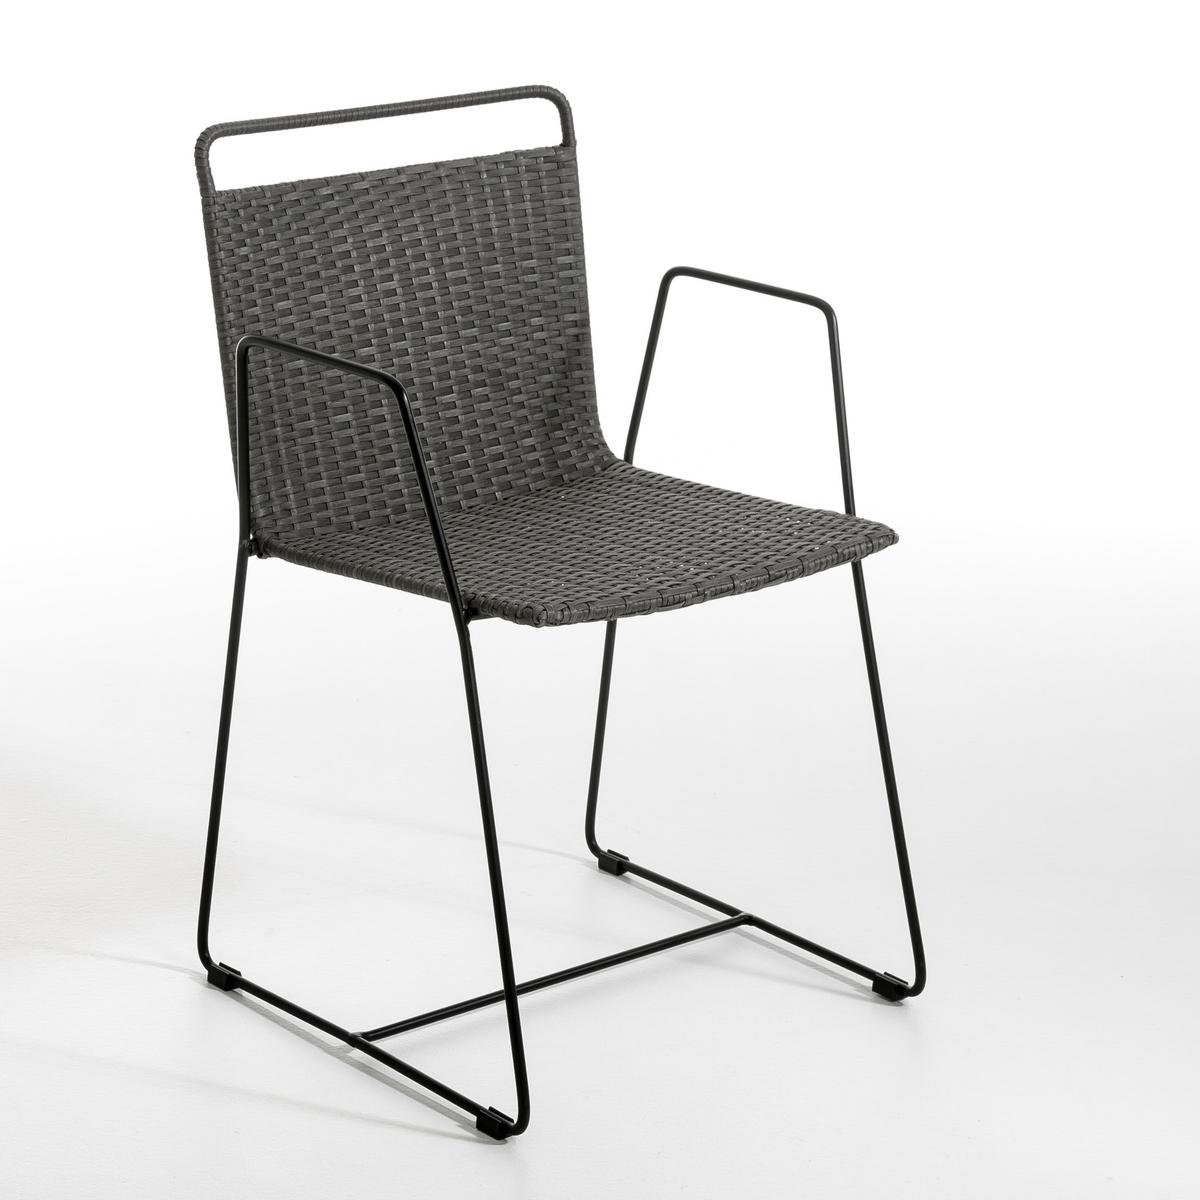 Кресло обеденное для сада Ambros, дизайн Э. Галлины